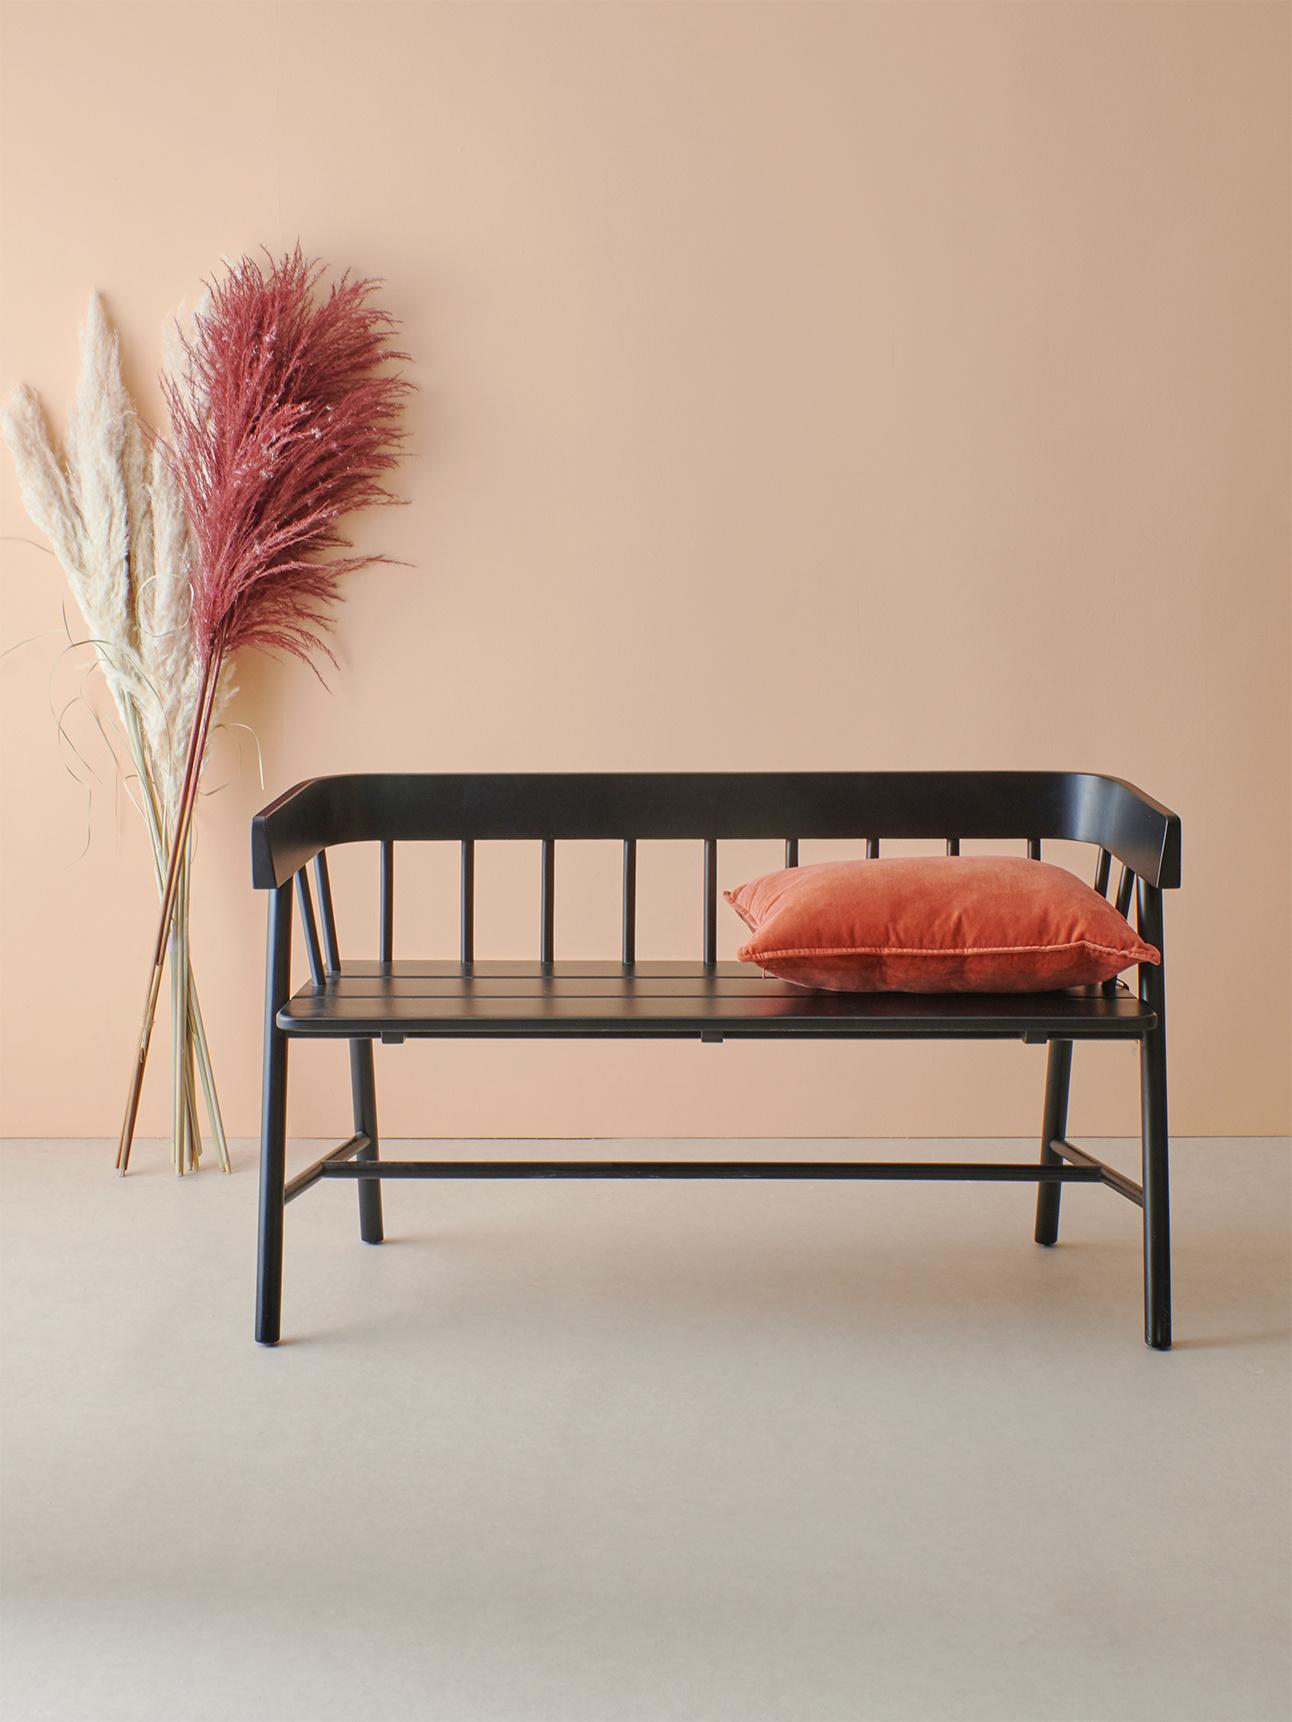 Bank garden bench black-2